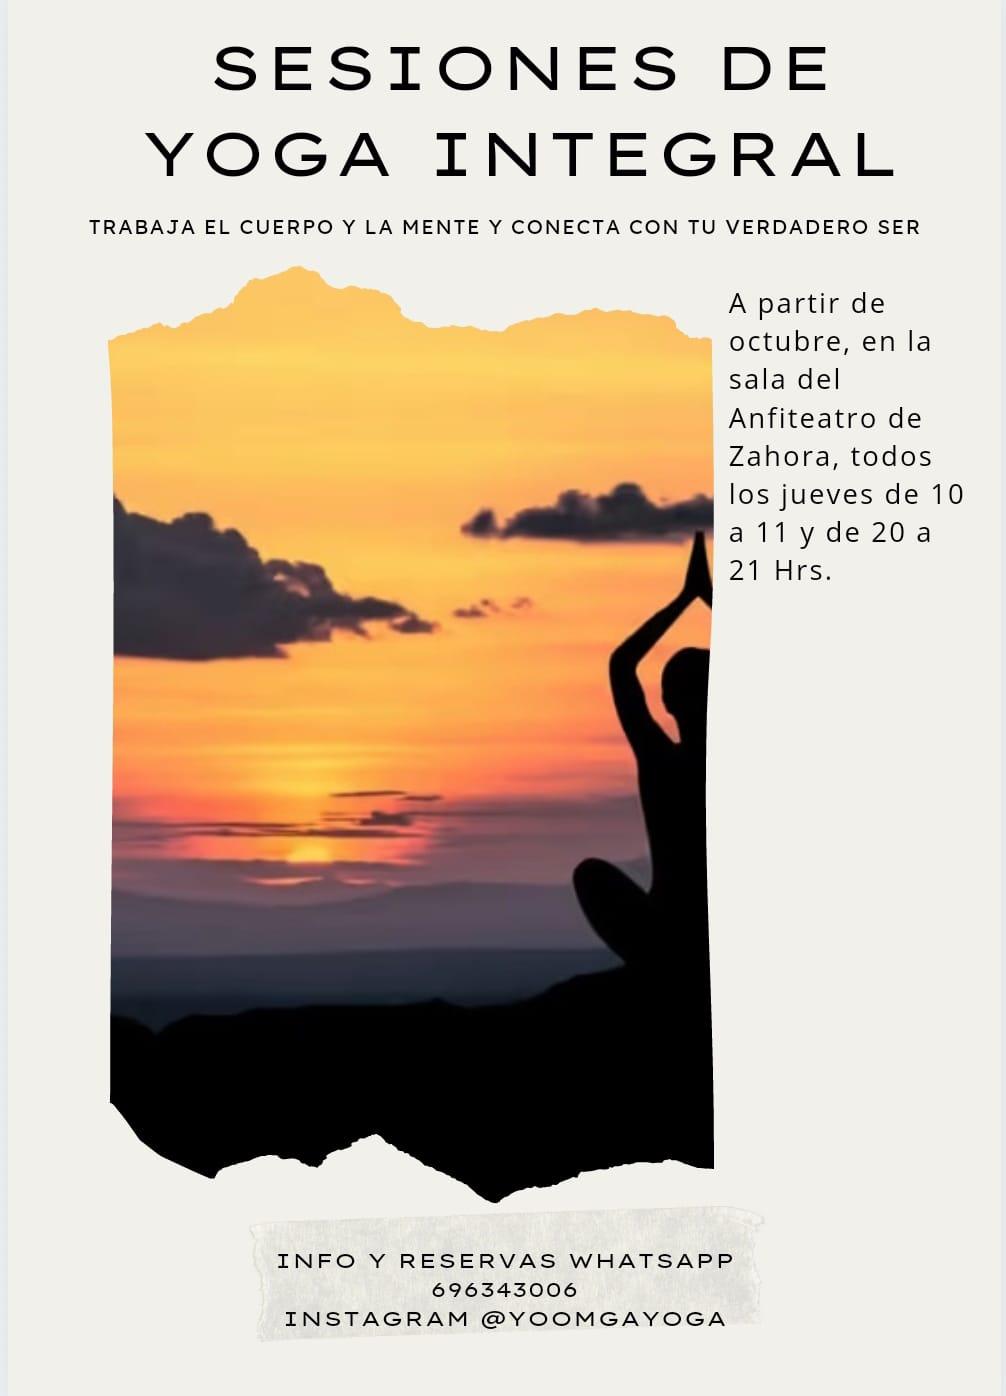 Yoga Integral en Salita del Anfi Teatro Zahora